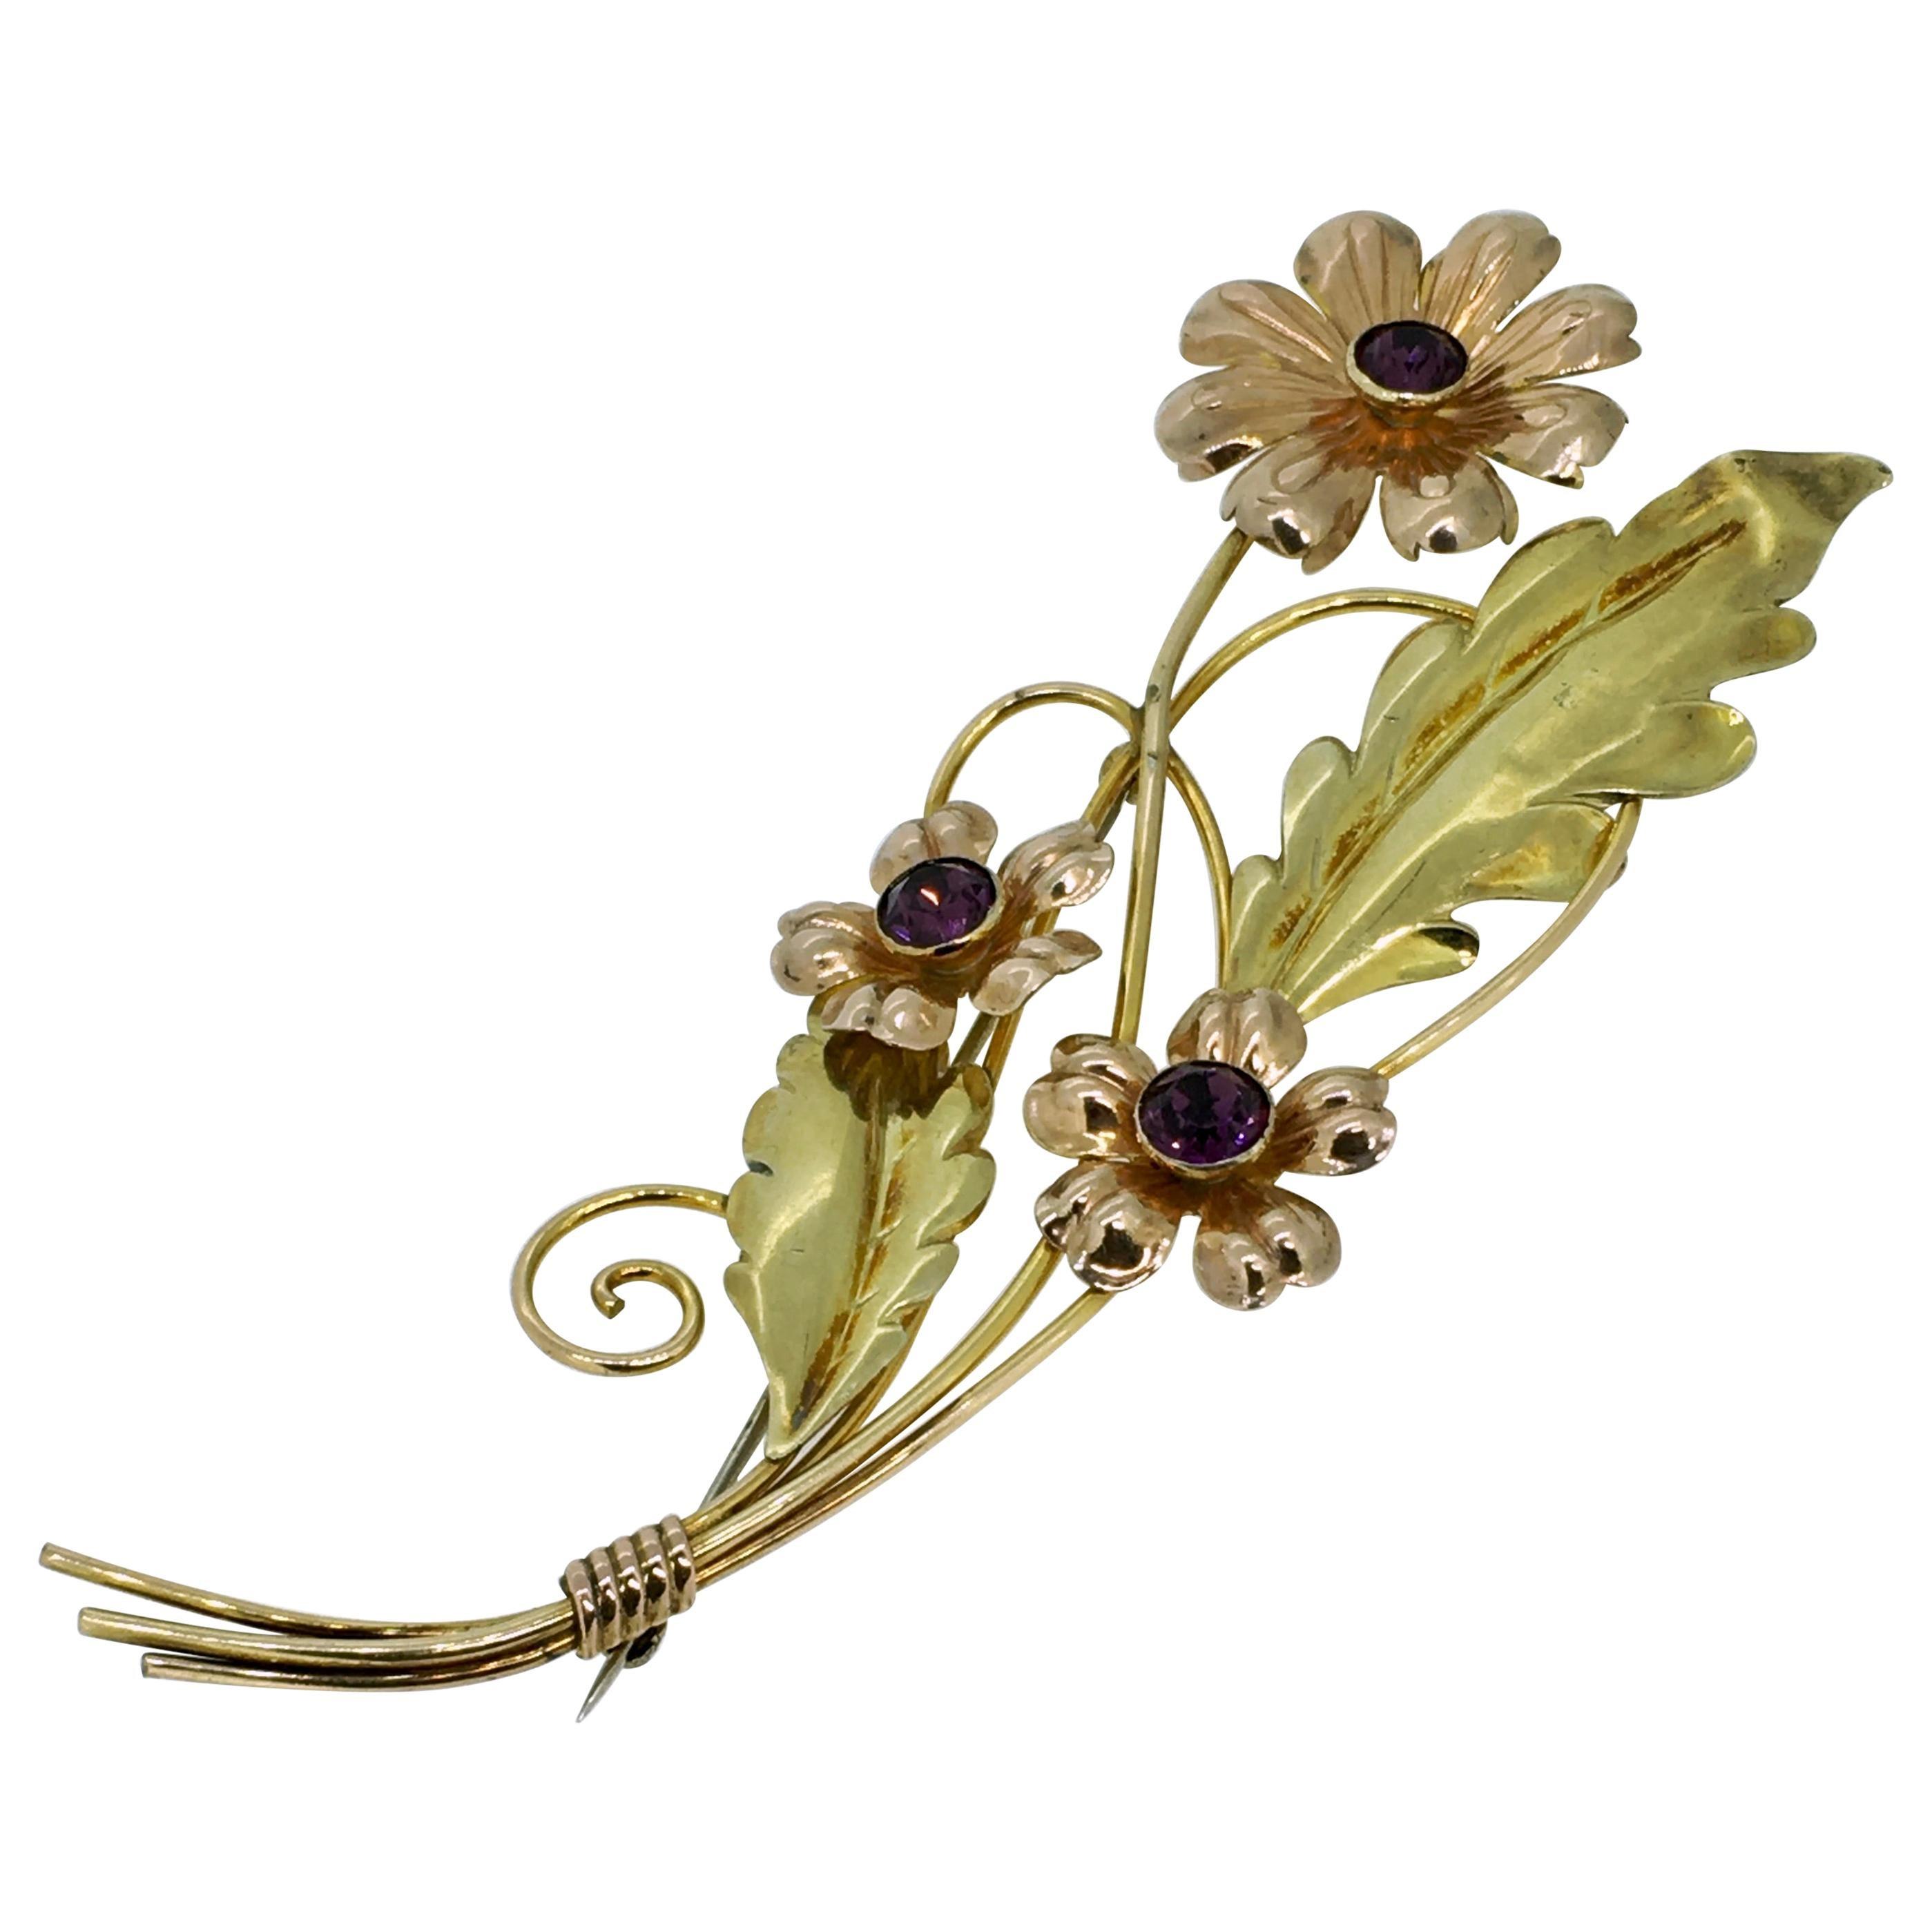 Brooch, Van Dell, Gold Filled Sterling Silver, Floral Design, 1950